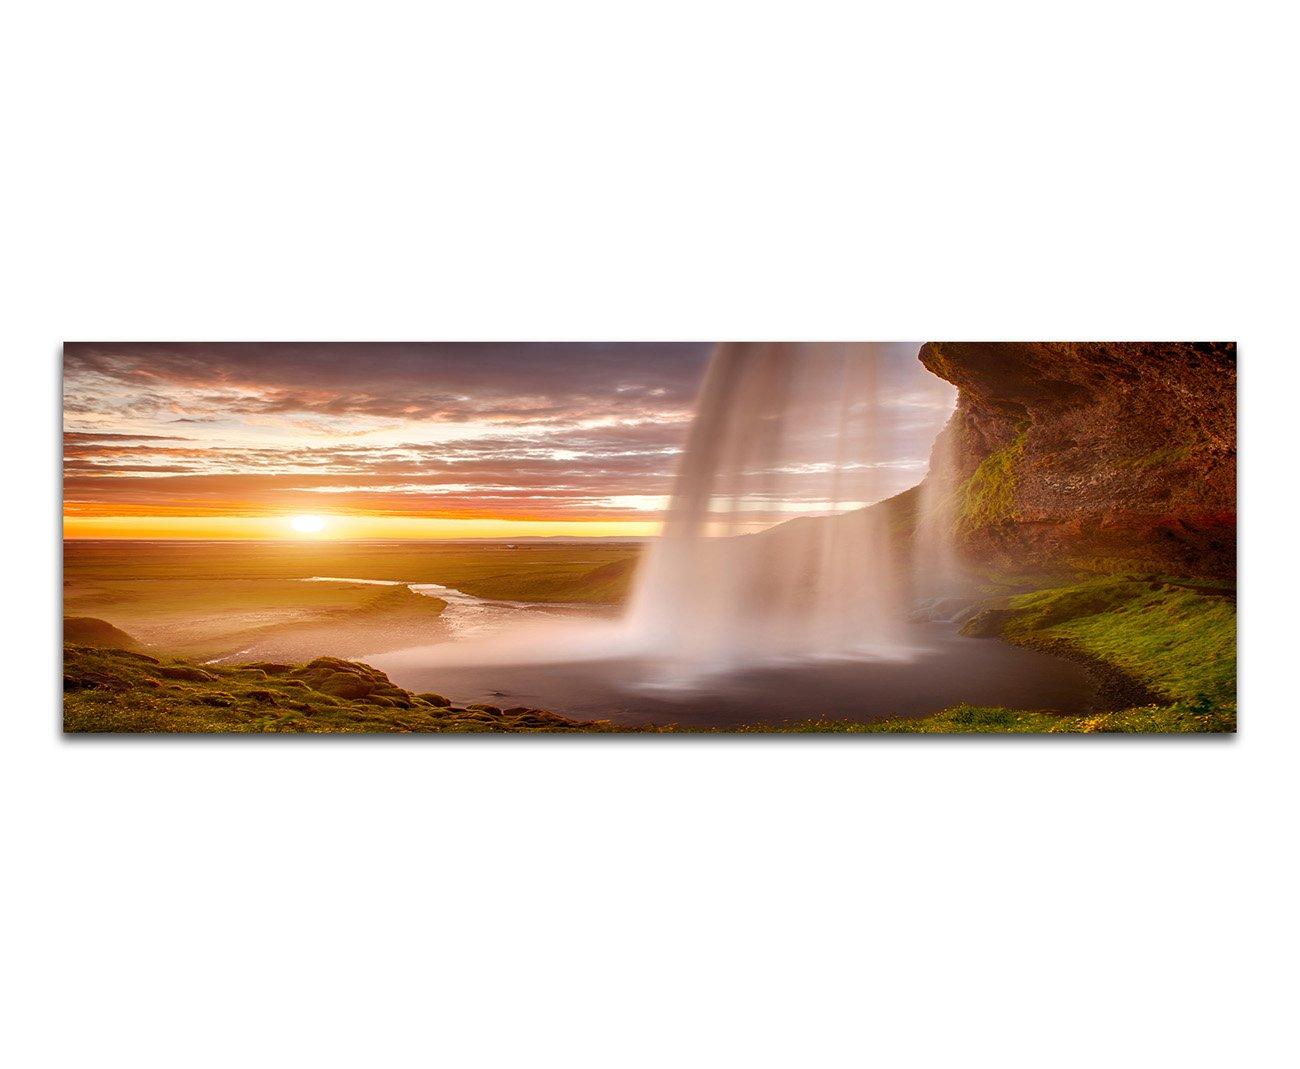 Panoramabild XXL auf Leinwand und Keilrahmen 180x70cm Meer Felsen Wasserfall Sonnenuntergang